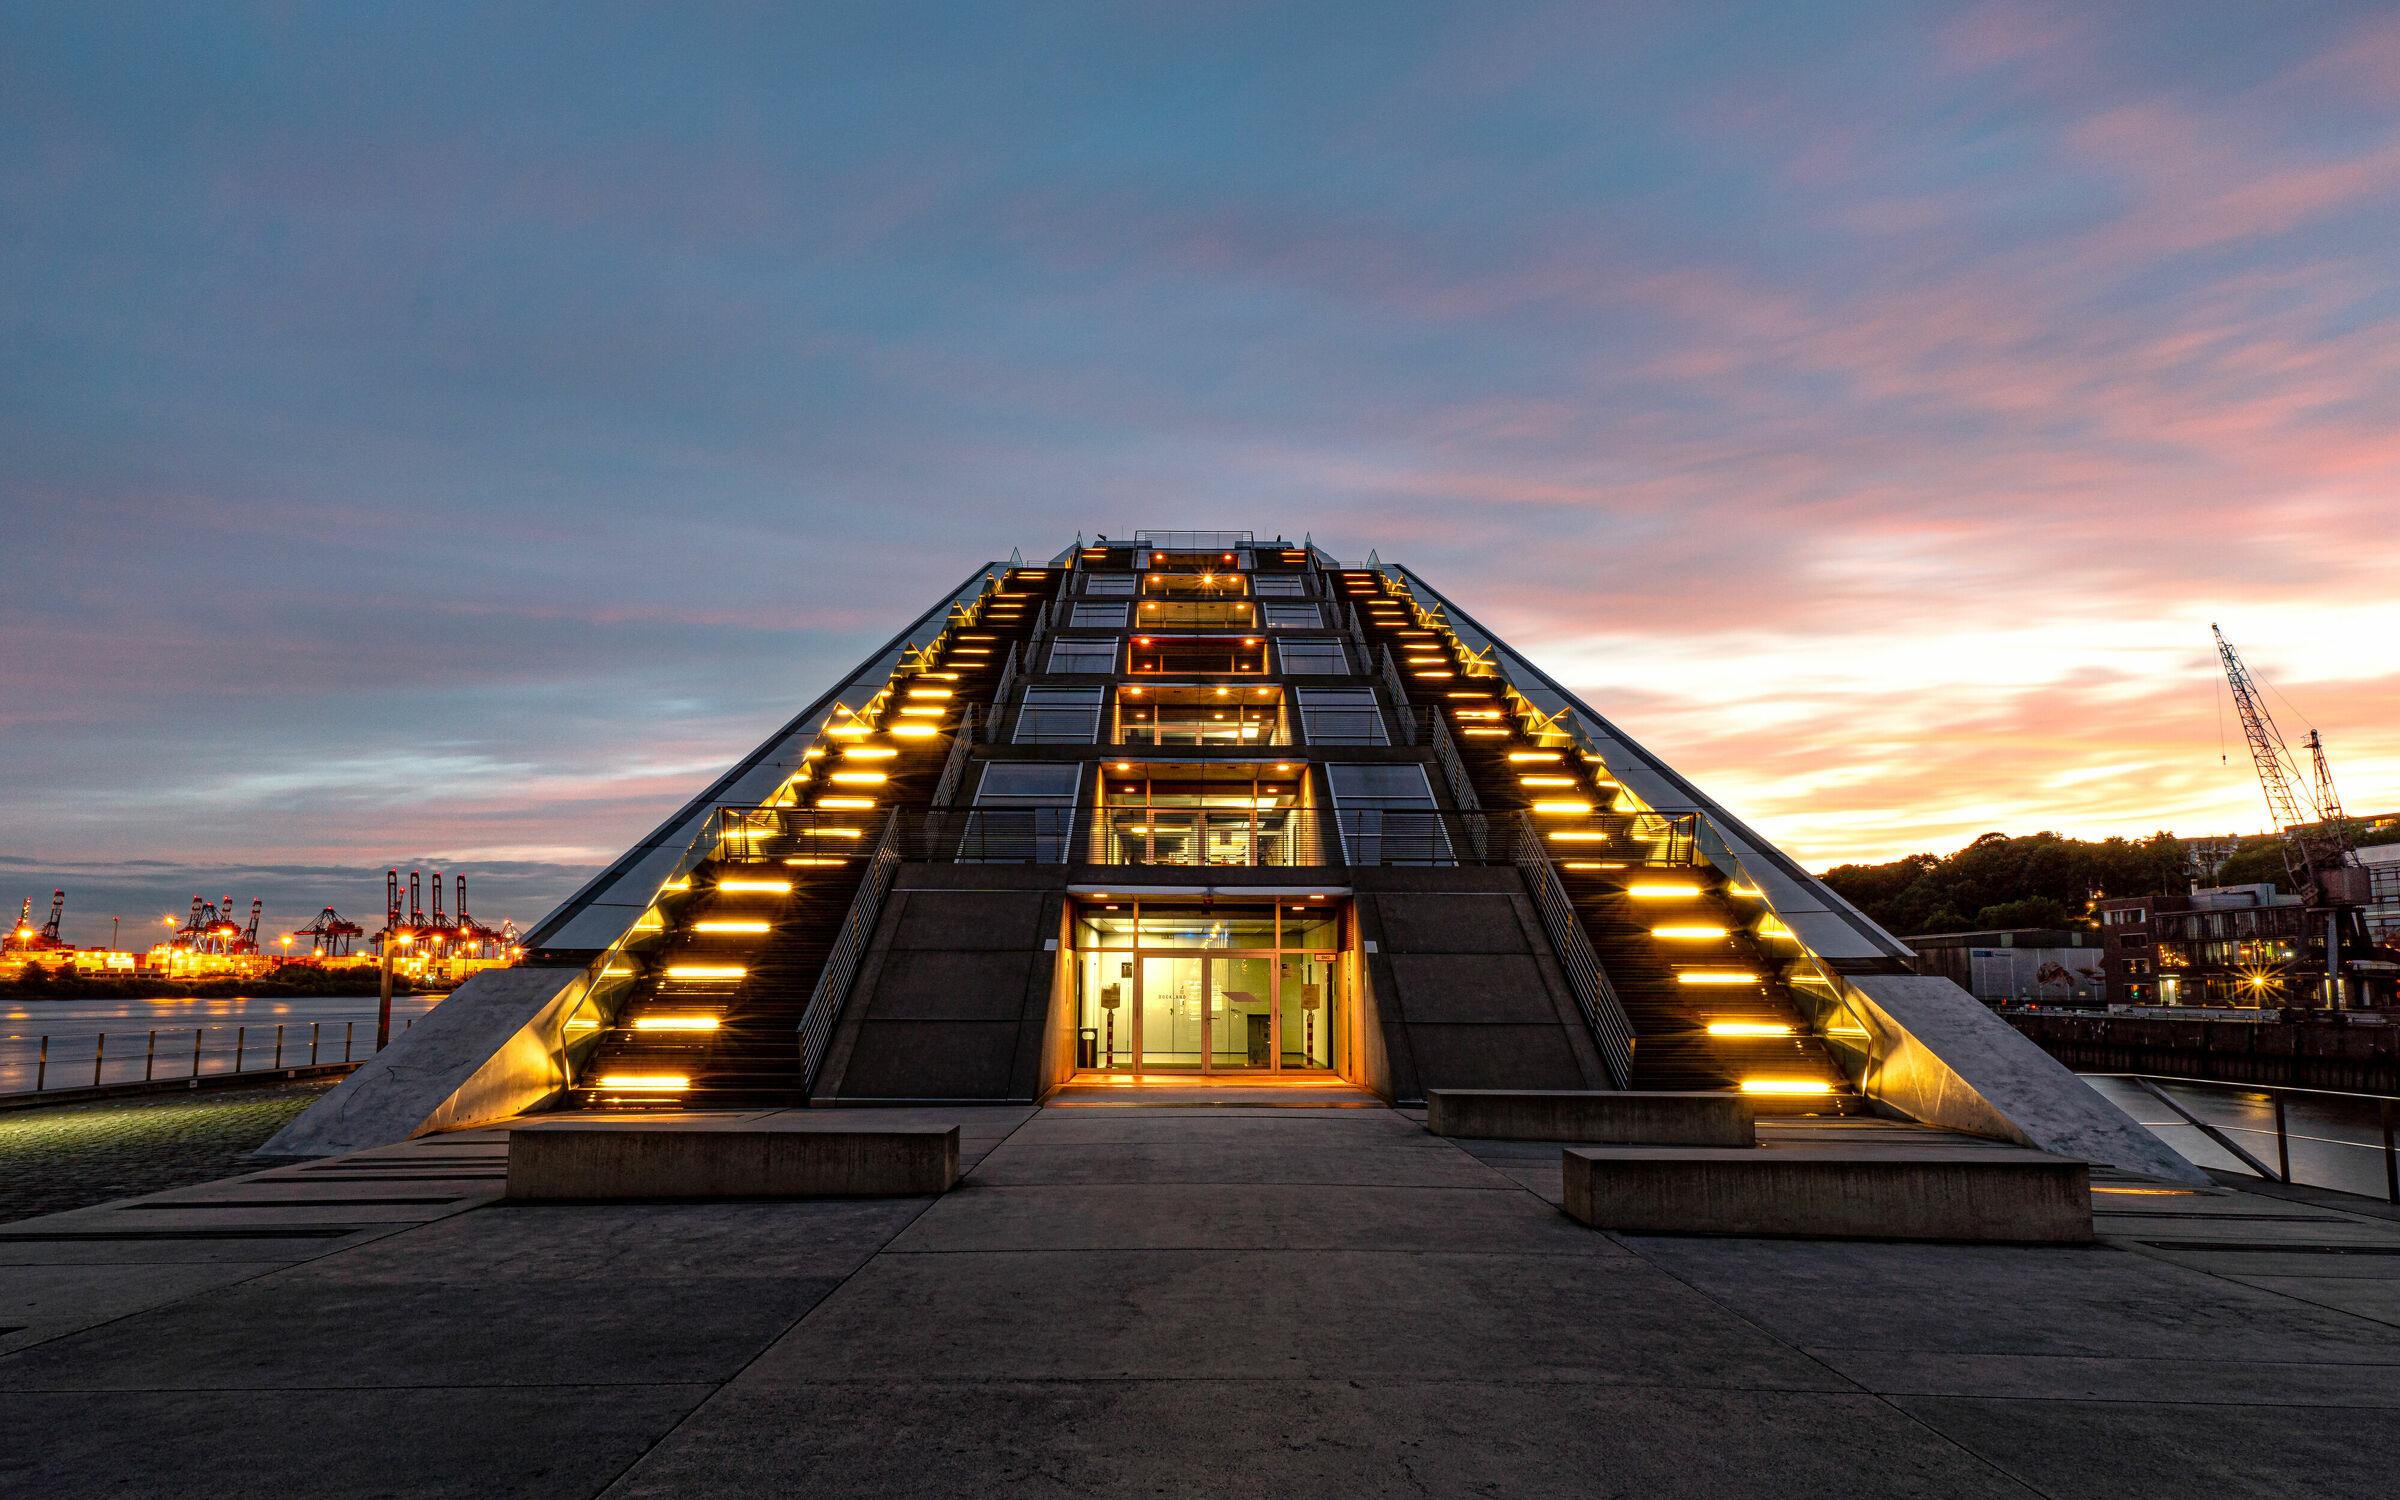 Bild mit Sonnenuntergang, Architektur, Abendrot, Häfen, Stadt, Hamburg, Dockland